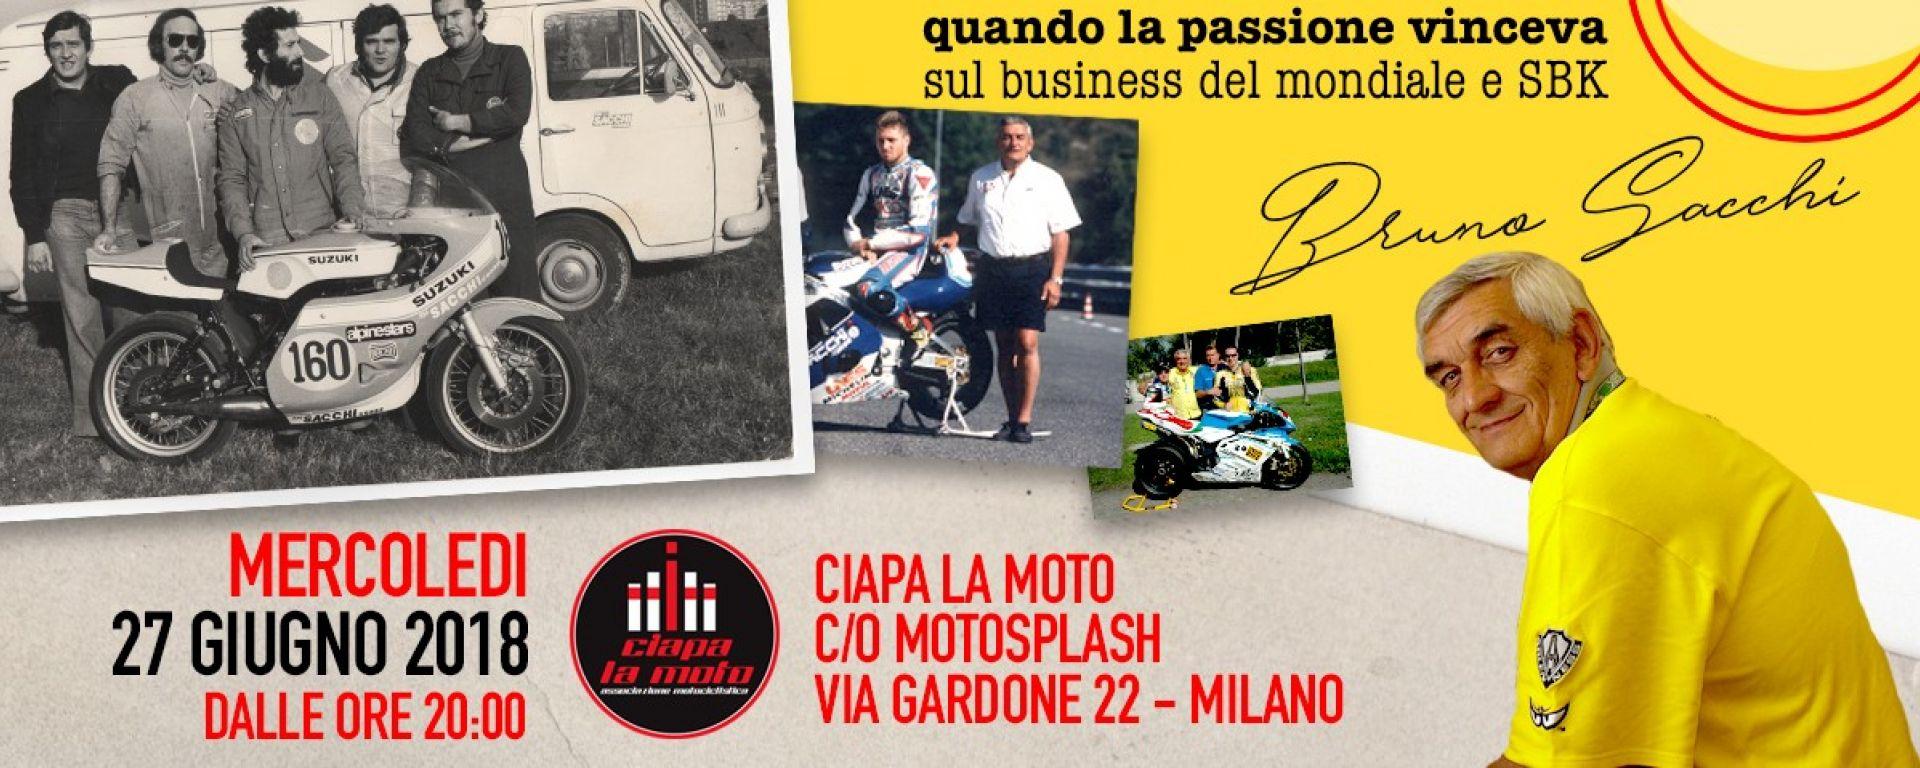 Ciapa La Moto 27/06: Sacchi e l'epopea dei gentleman riders